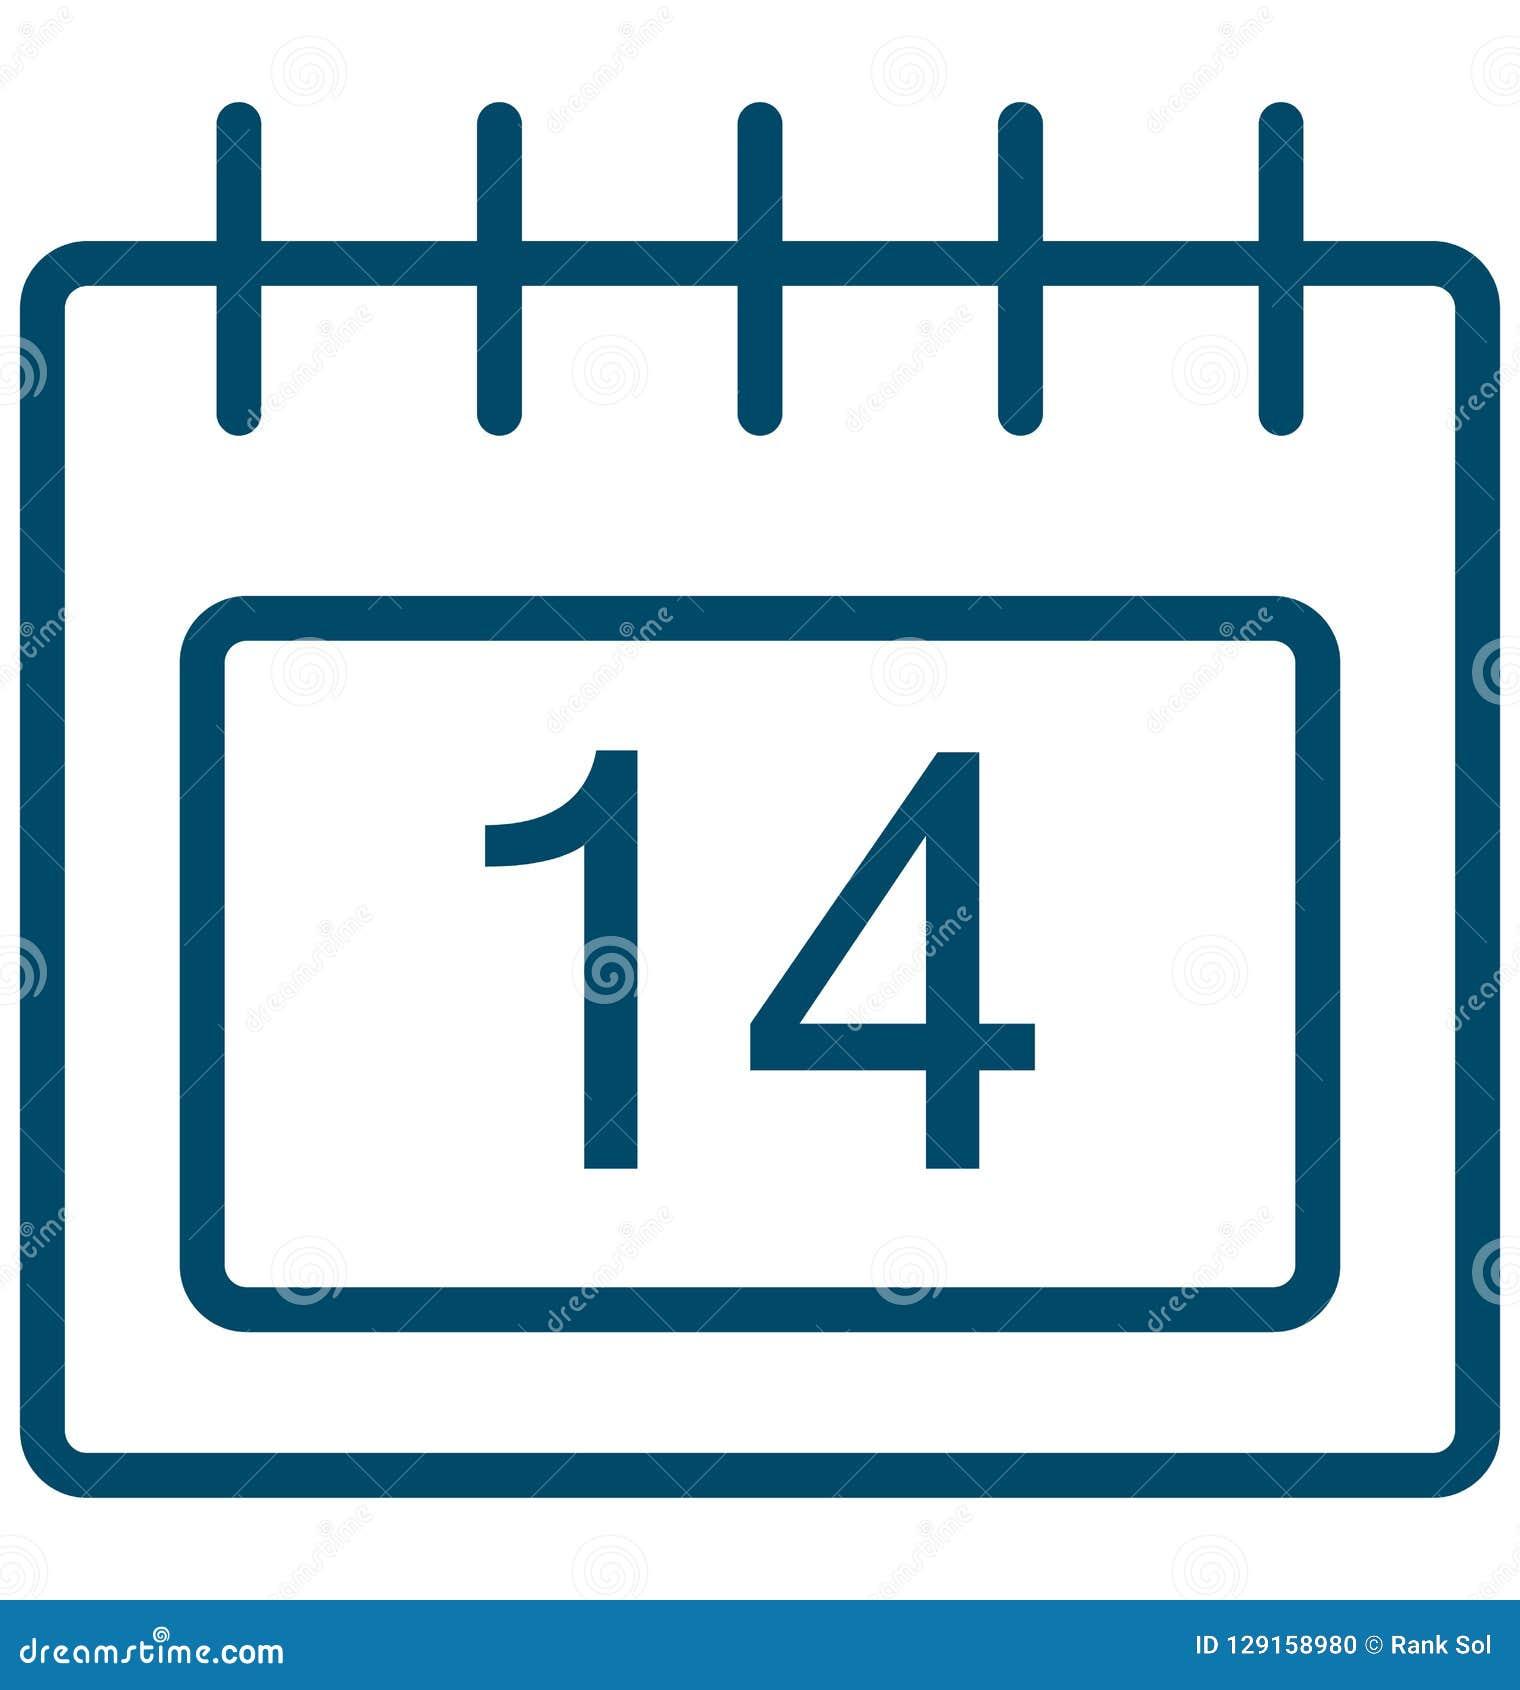 Δεκατέσσερα, ειδικό διανυσματικό εικονίδιο ημέρας γεγονότος δεκατέσσερα που μπορεί να τροποποιηθεί εύκολα ή να εκδώσει